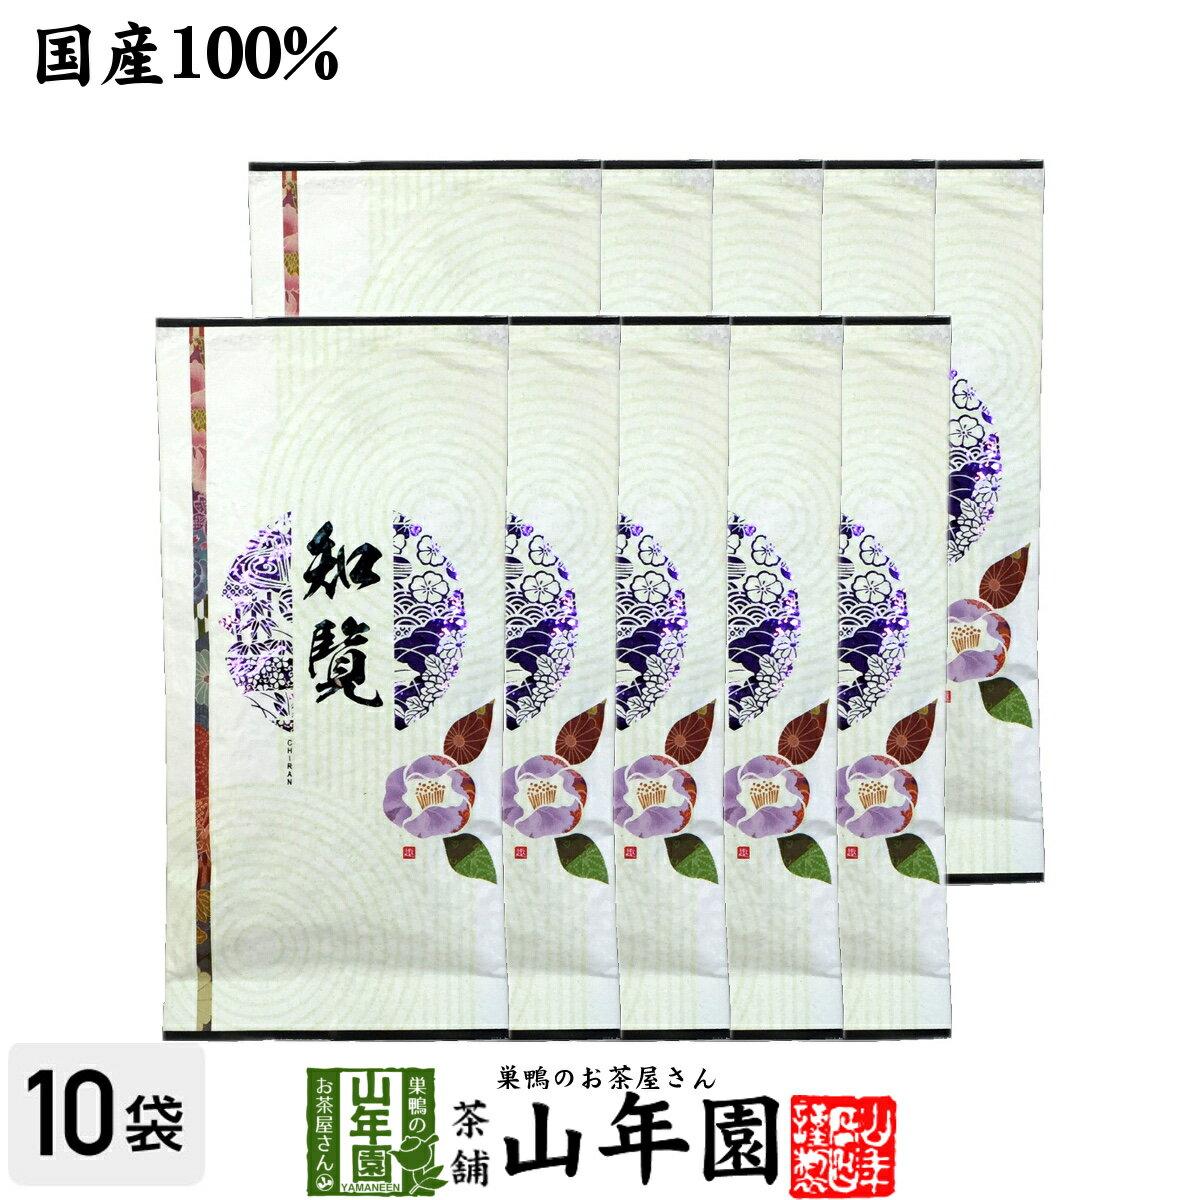 茶葉・ティーバッグ, 日本茶  100g10 2019